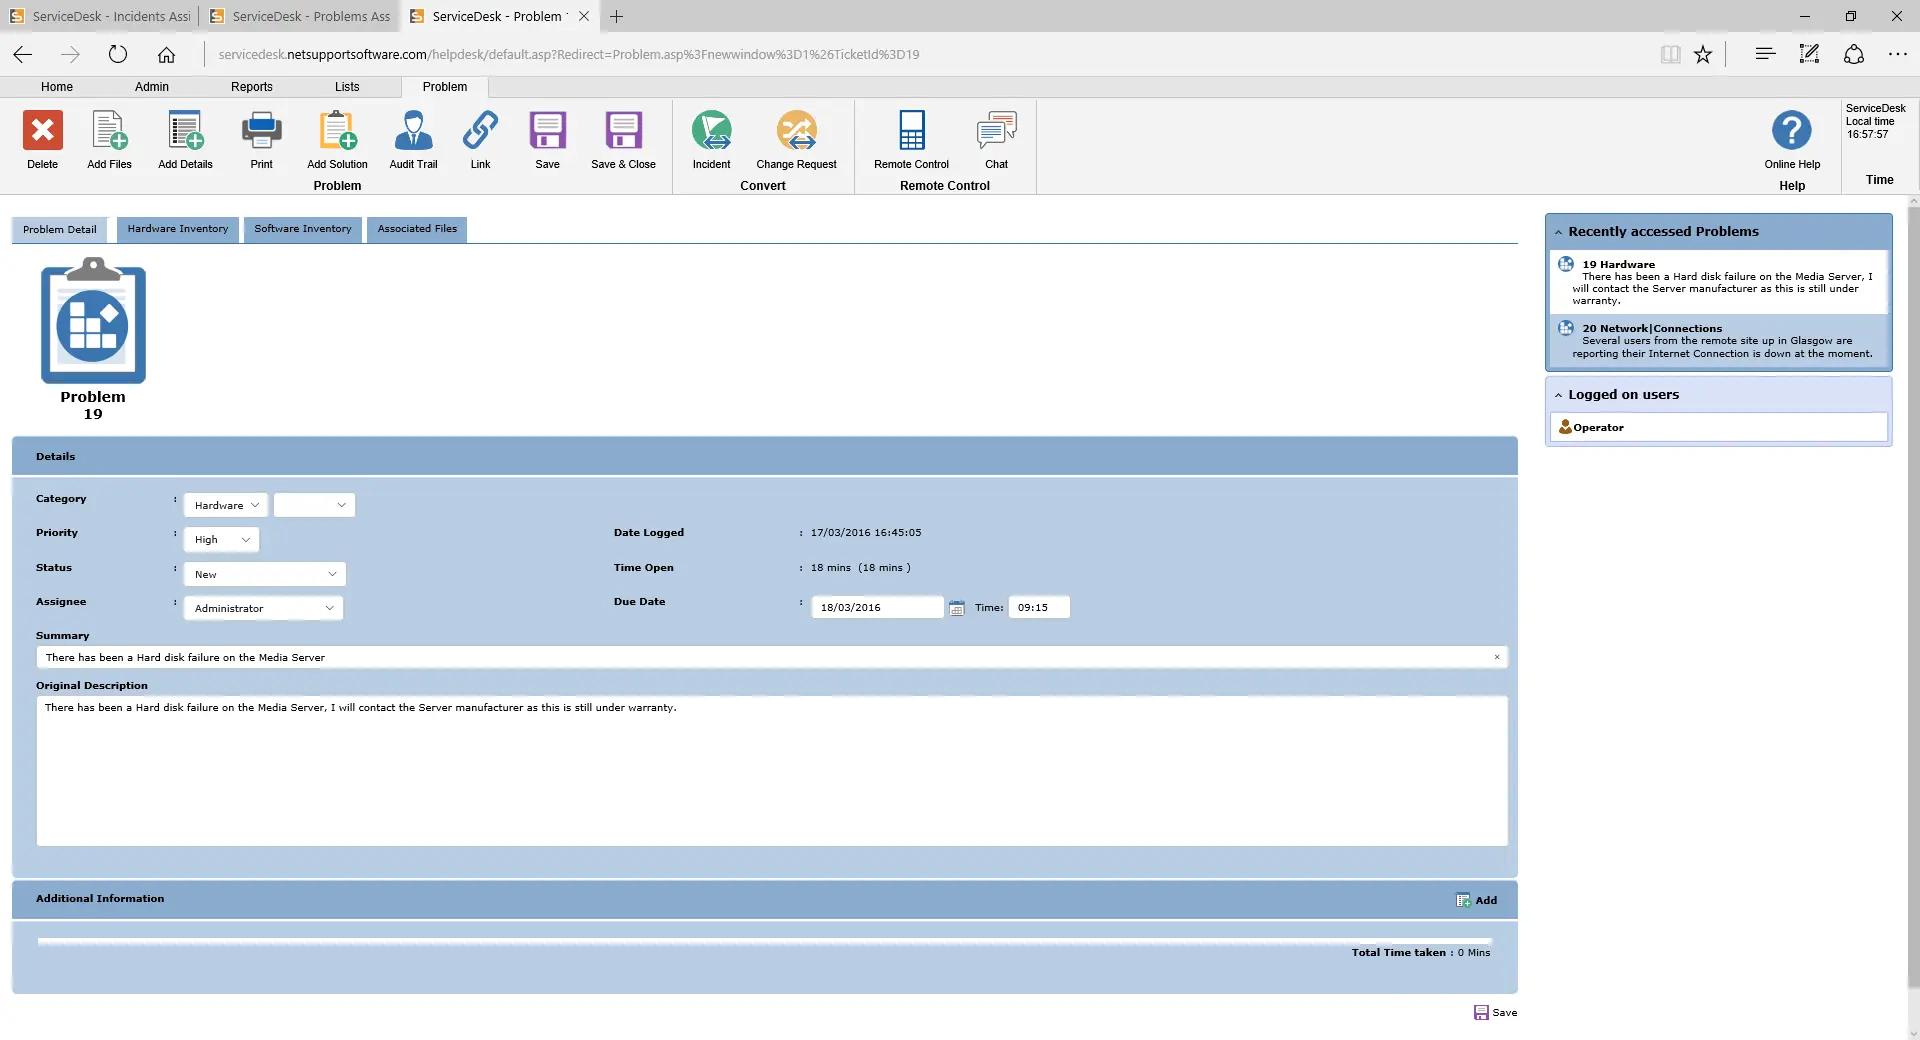 NetSupport ServiceDesk problem management